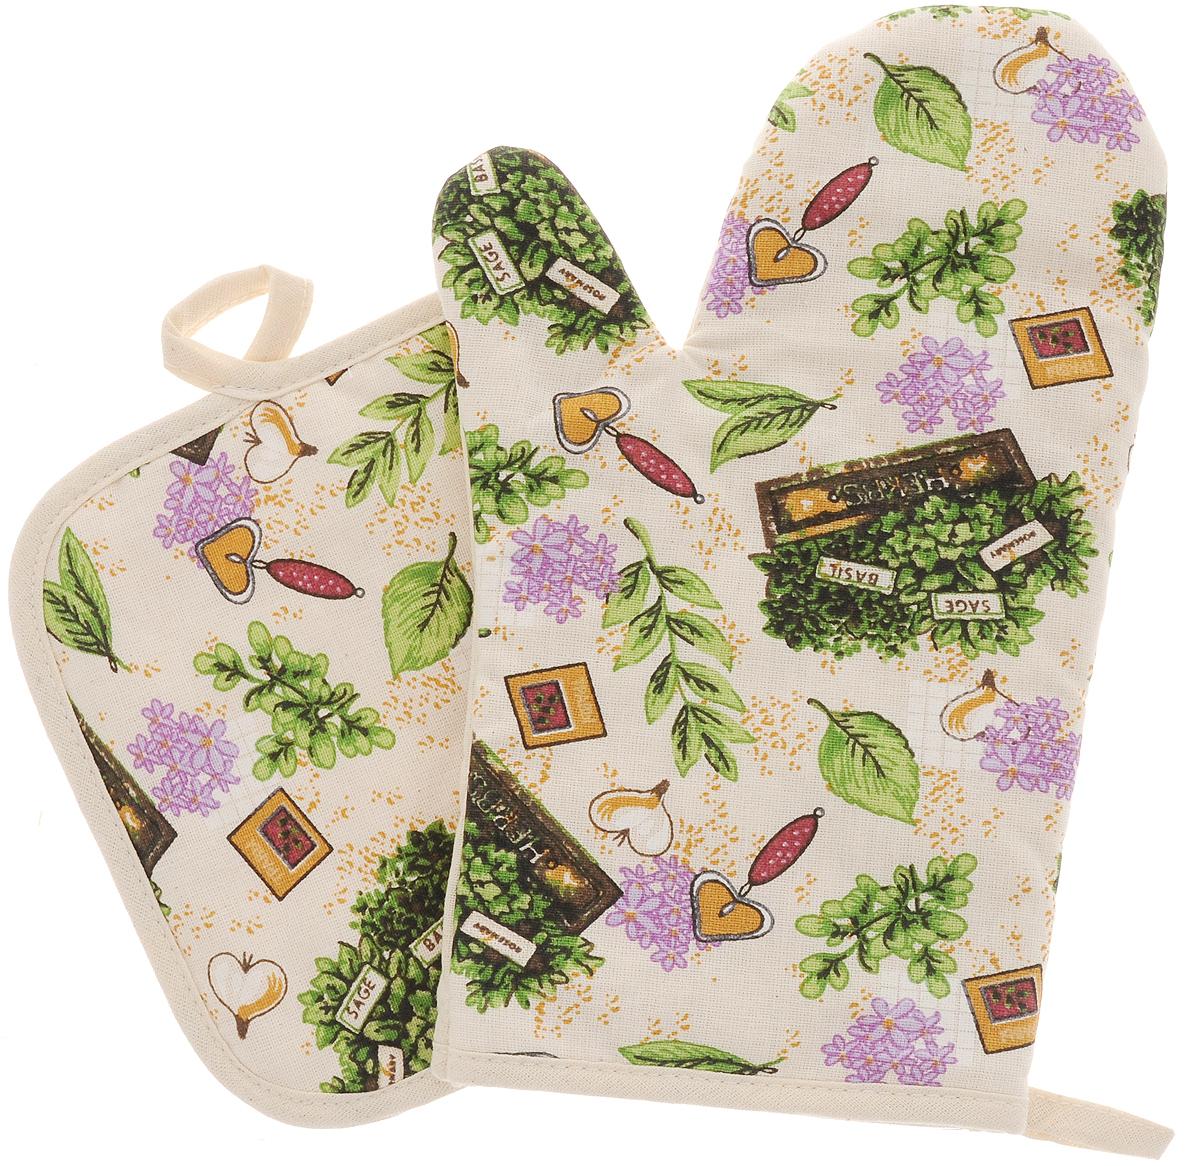 Набор прихваток Bonita Цветущие травы, 2 предмета1101812215Набор Bonita Цветущие травы состоит из прихватки- рукавицы и квадратной прихватки. Изделия выполнены из натурального хлопка и декорированы оригинальным рисунком. Прихватки простеганы, а края окантованы. Оснащены специальными петельками, за которые их можно подвесить на крючок в любом удобном для вас месте. Такой набор красиво дополнит интерьер кухни. Размер прихватки-рукавицы: 16 х 28 см. Размер прихватки: 17 х 17 см.